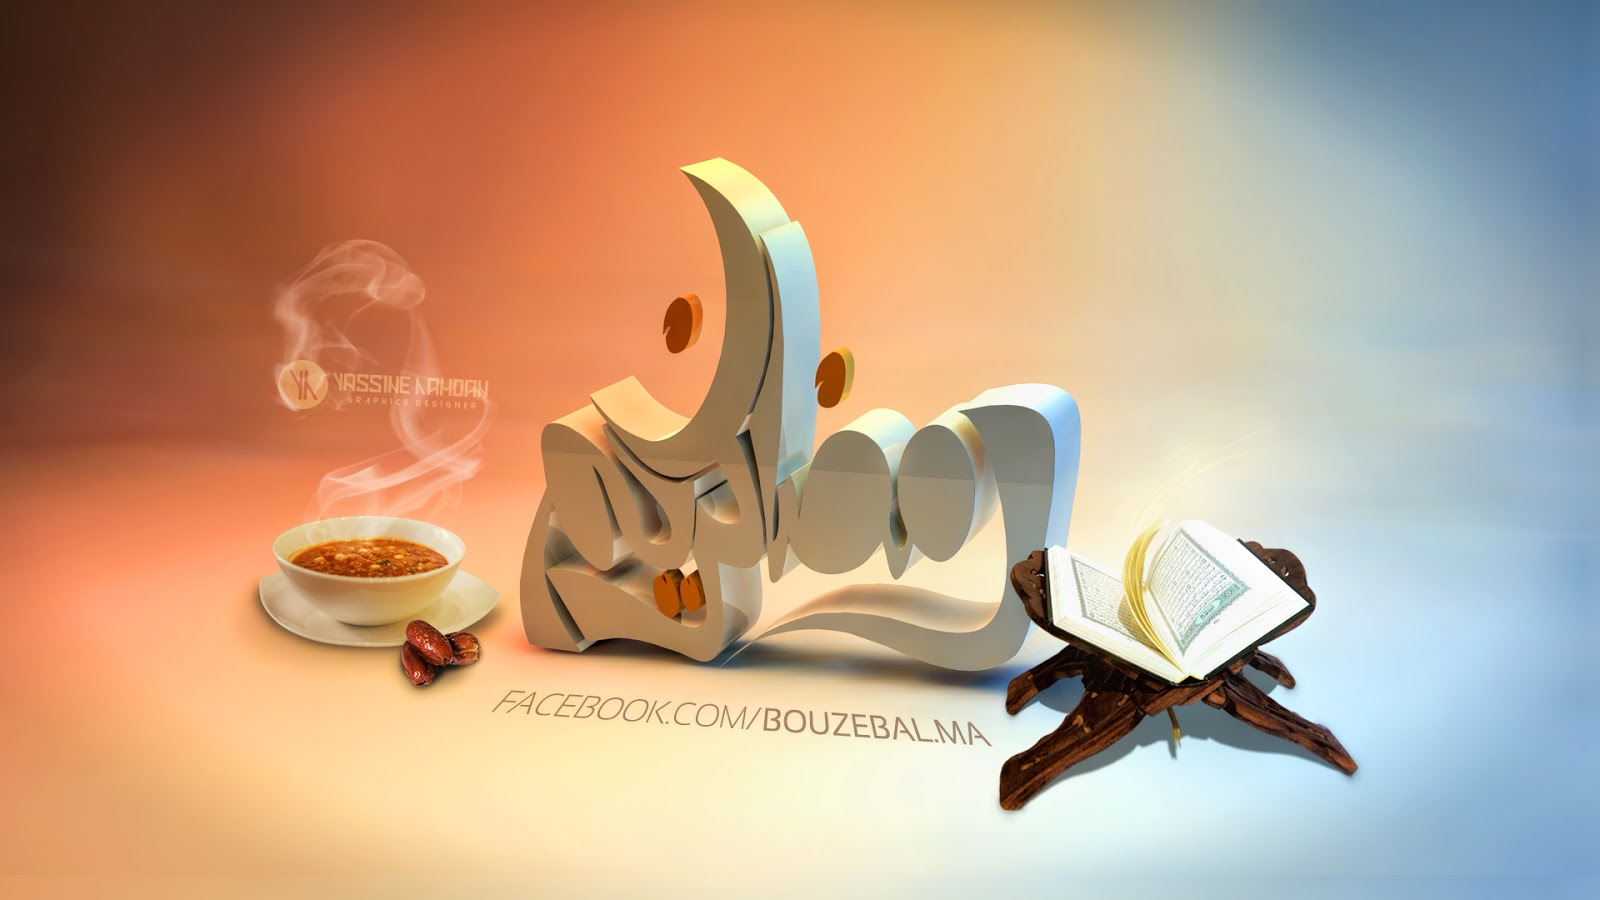 8200 Koleksi Gambar Paling Keren Islami Terbaru